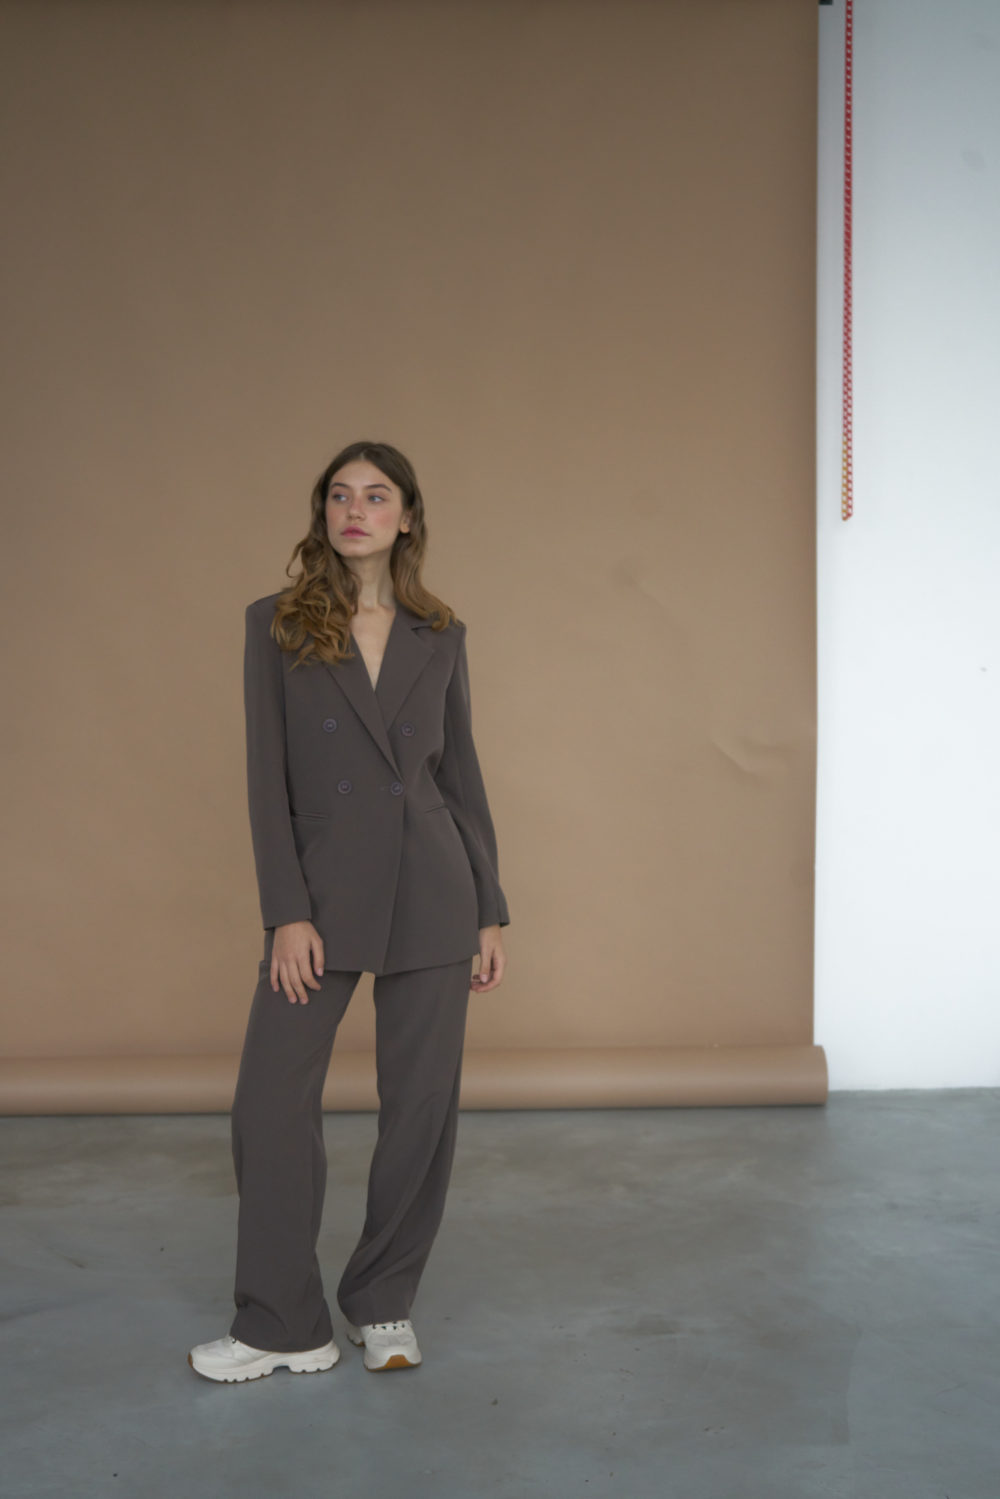 Костюм с прямым пиджаком и широкими брюками в цвете холодный шоколад